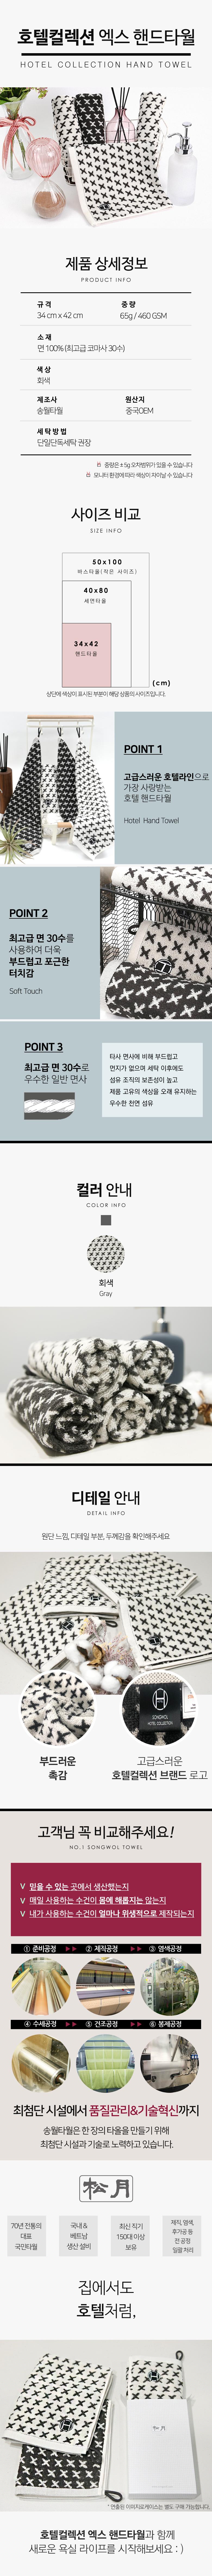 호텔컬렉션 엑스34 고리수건 핸드타월 - 송월타올, 3,800원, 수건/타올, 핸드타올